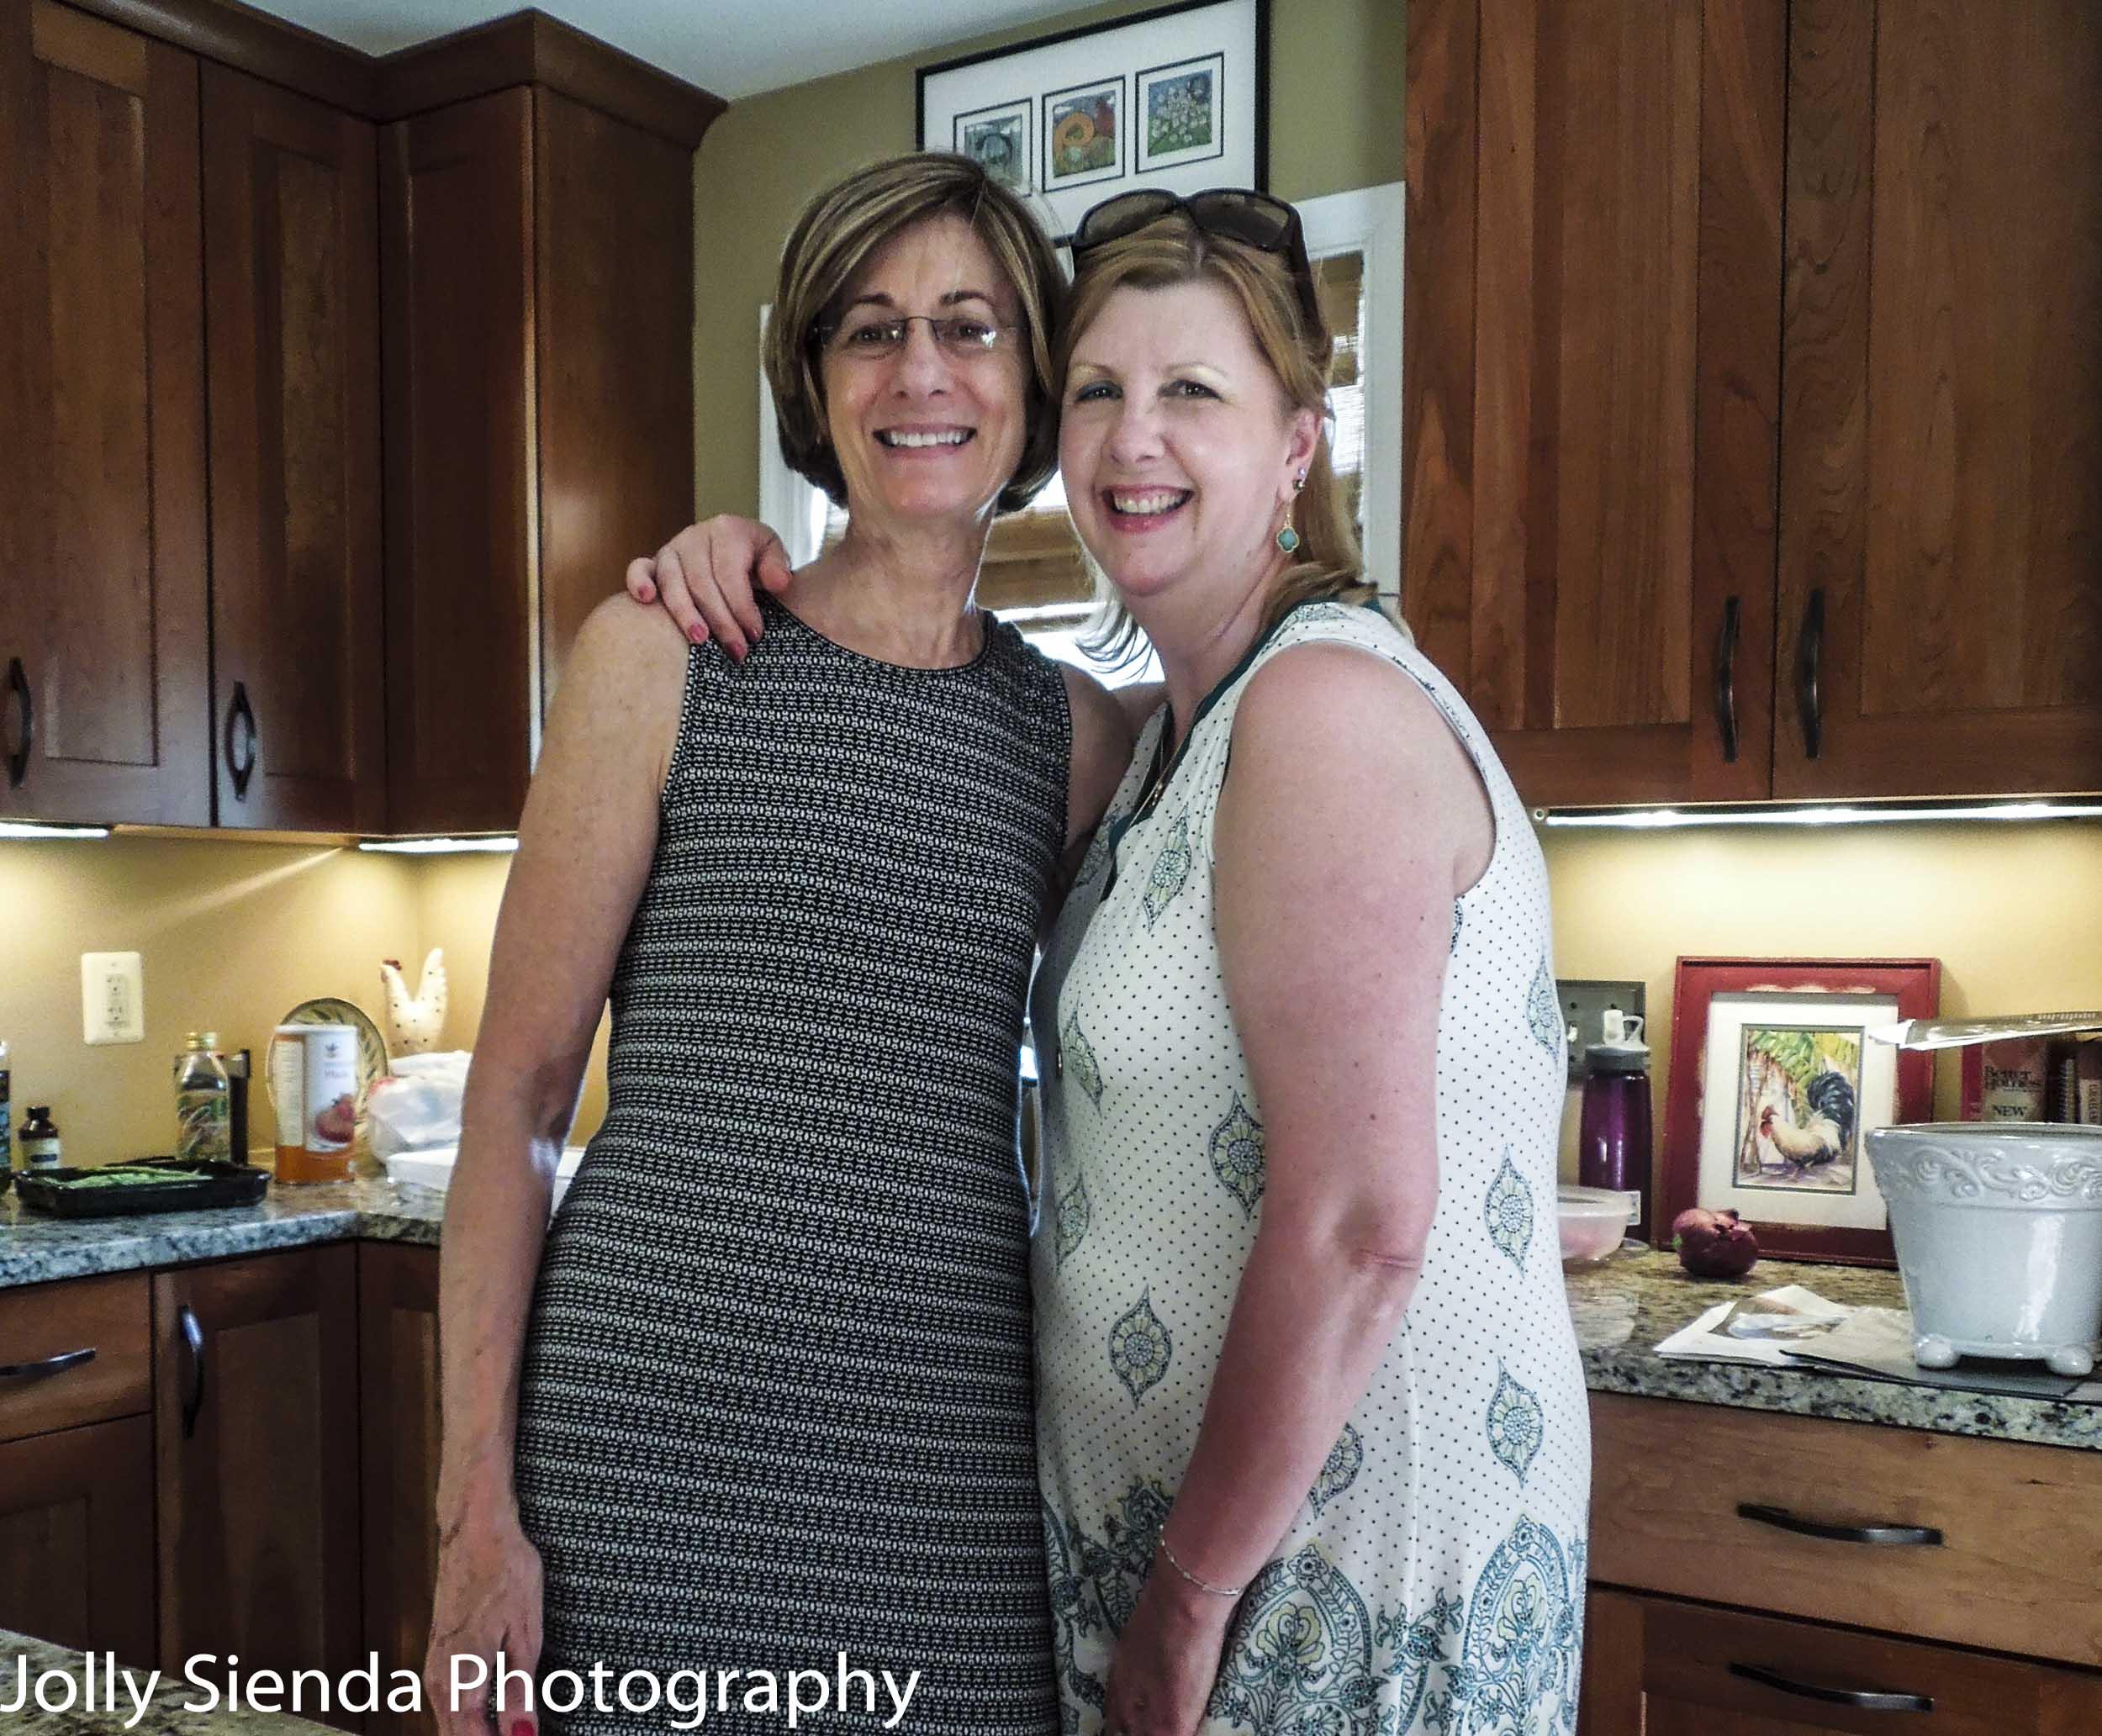 Rachel Zachary and Jolly Sienda